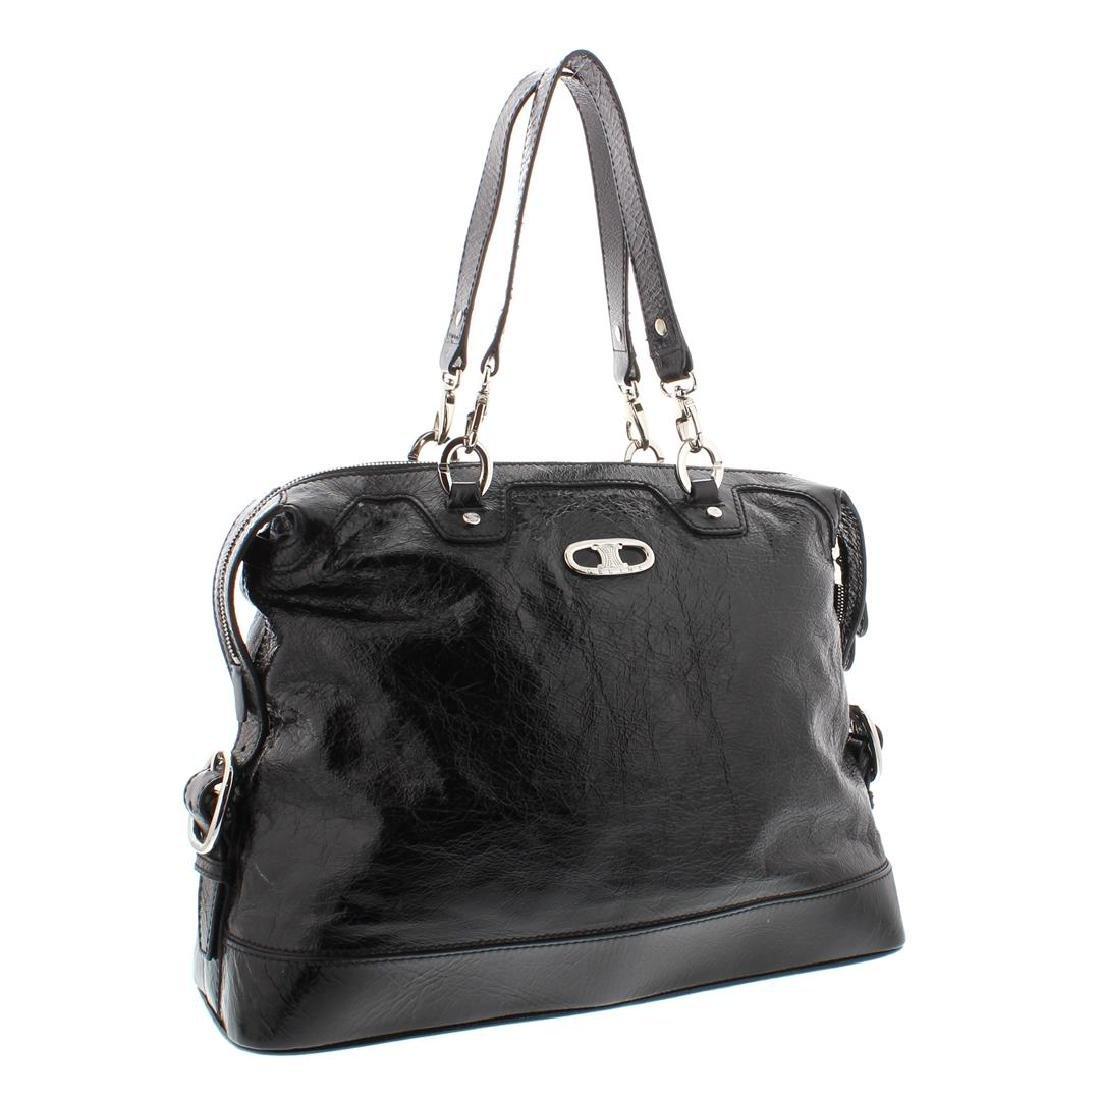 Celine Black Distressed Patent Leather Shoulder Handbag - 2